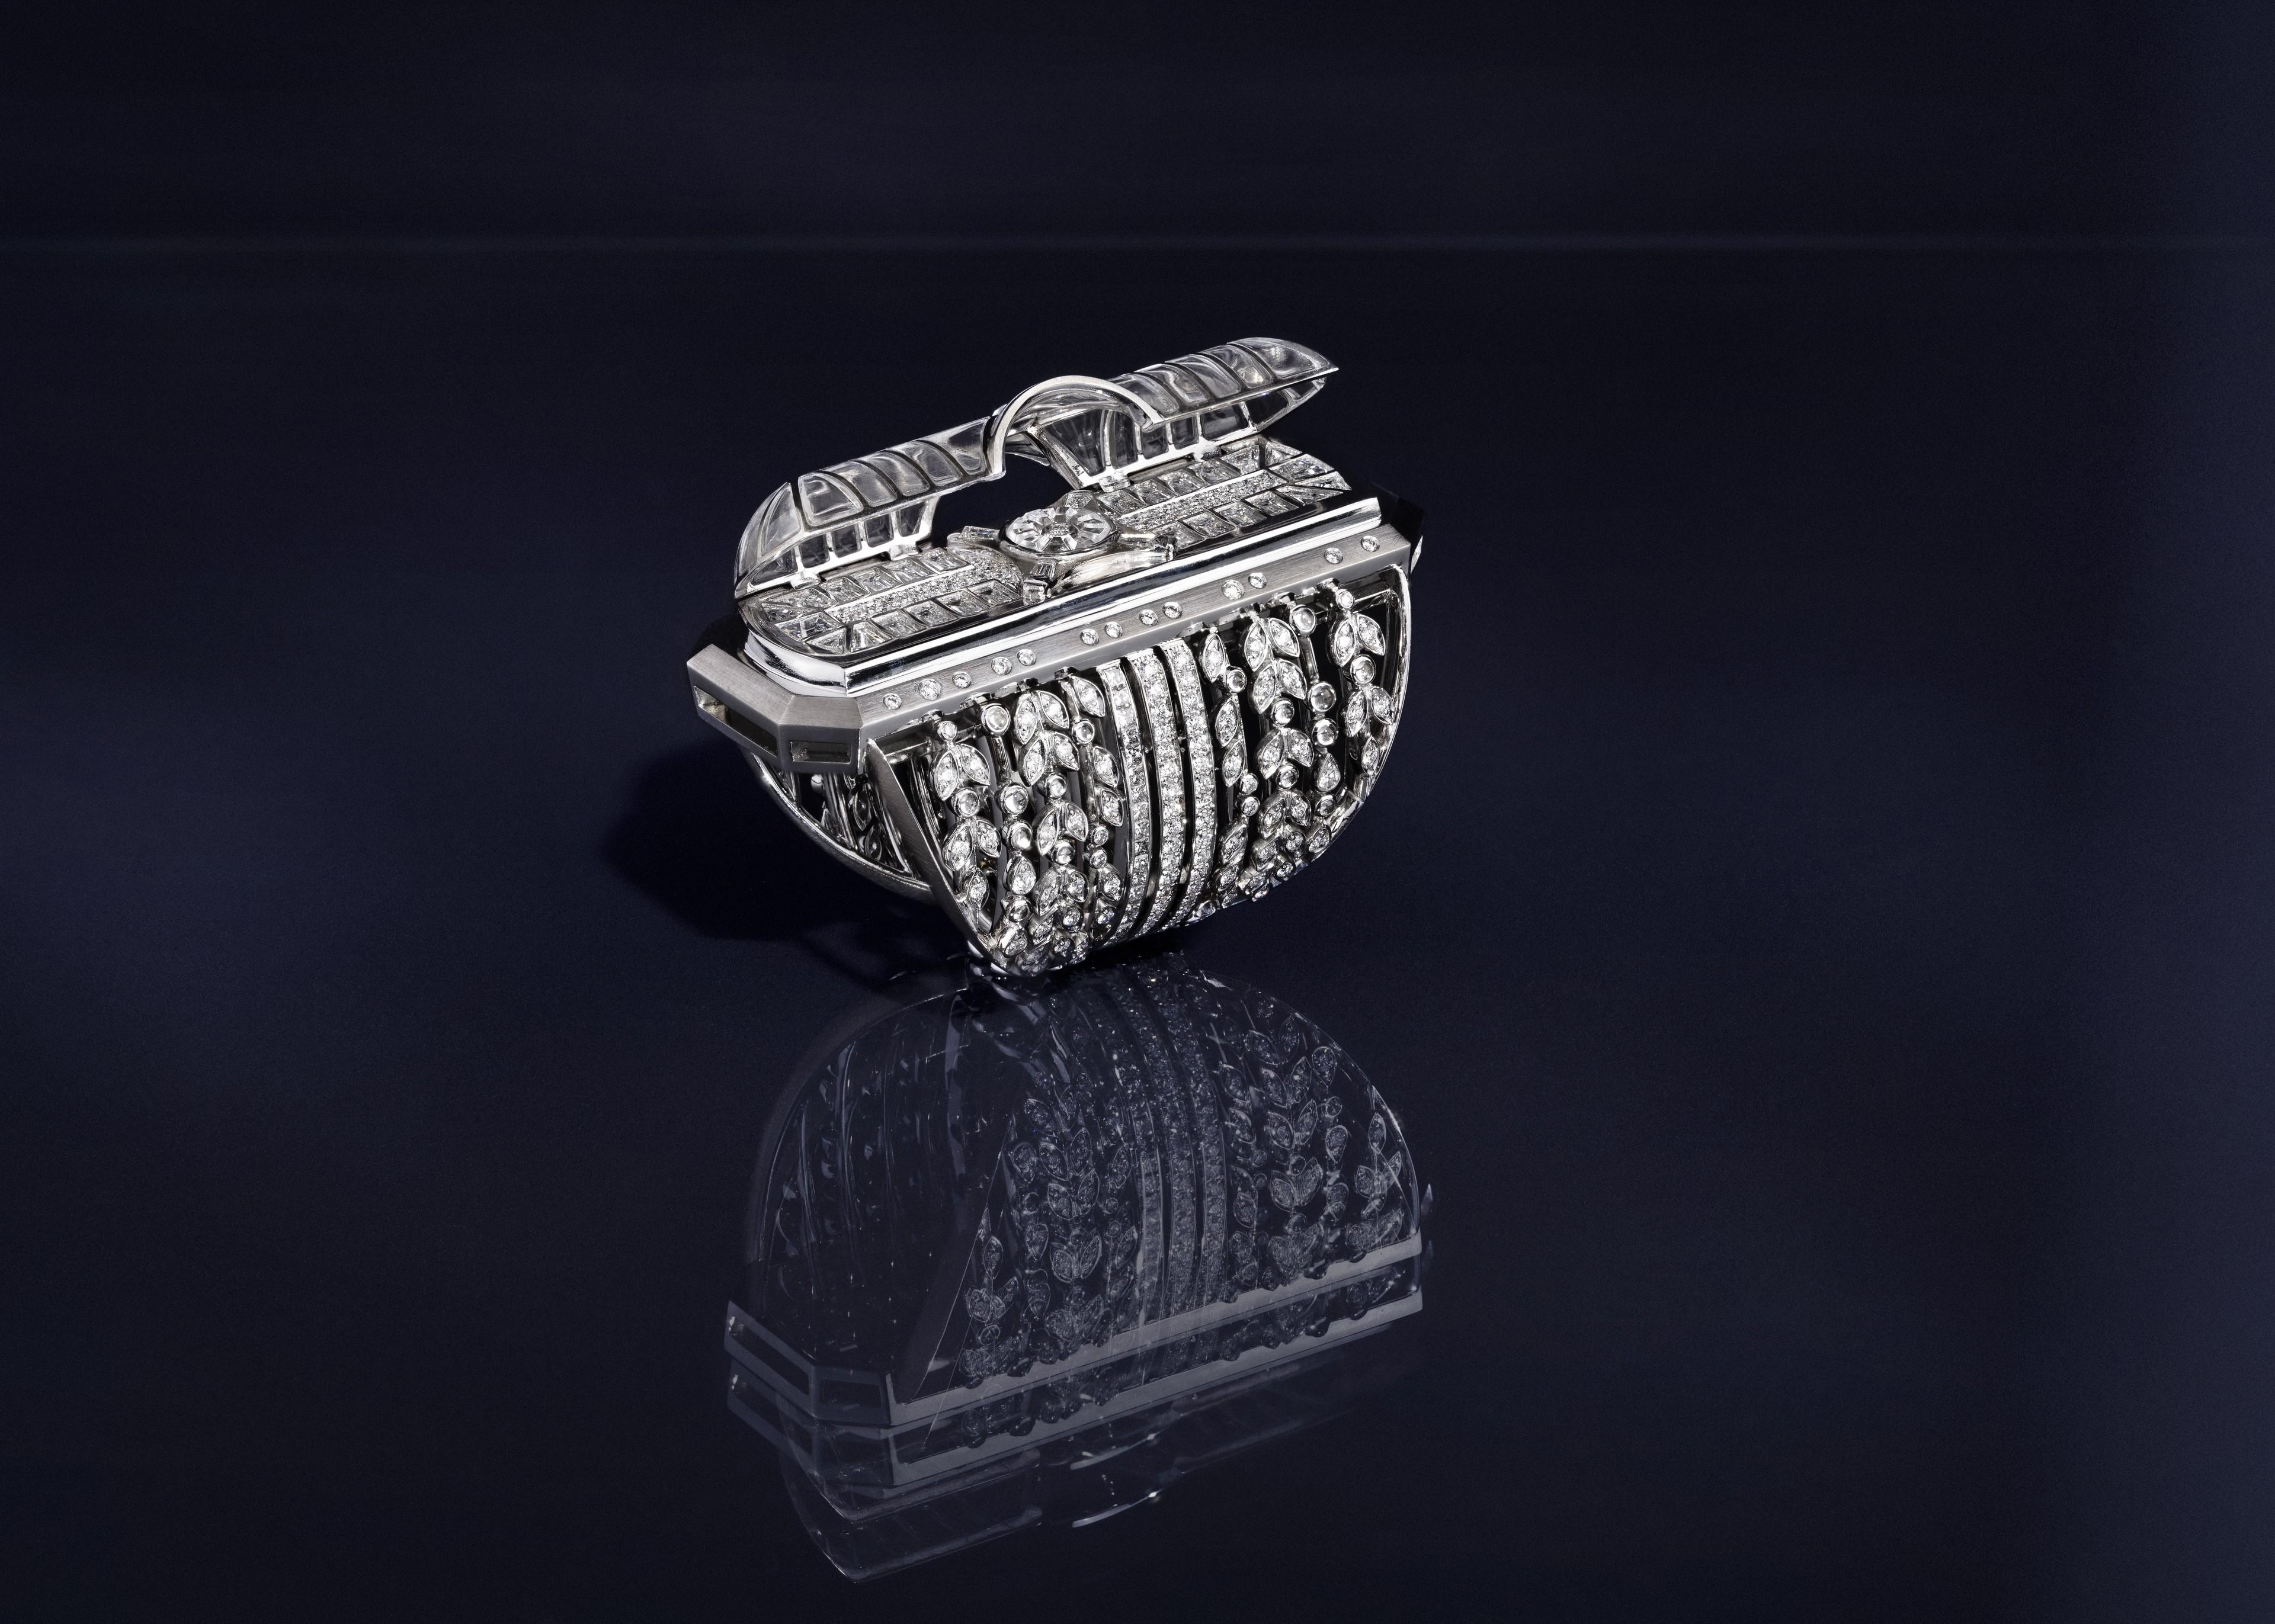 La Verrière - Bague ouverte. Or Blanc, Cristal de Roche, Diamants et Saphirs blancs - Irène - Paris Le Grand Palais - Haute Joaillerie - Architecture - Scénographie